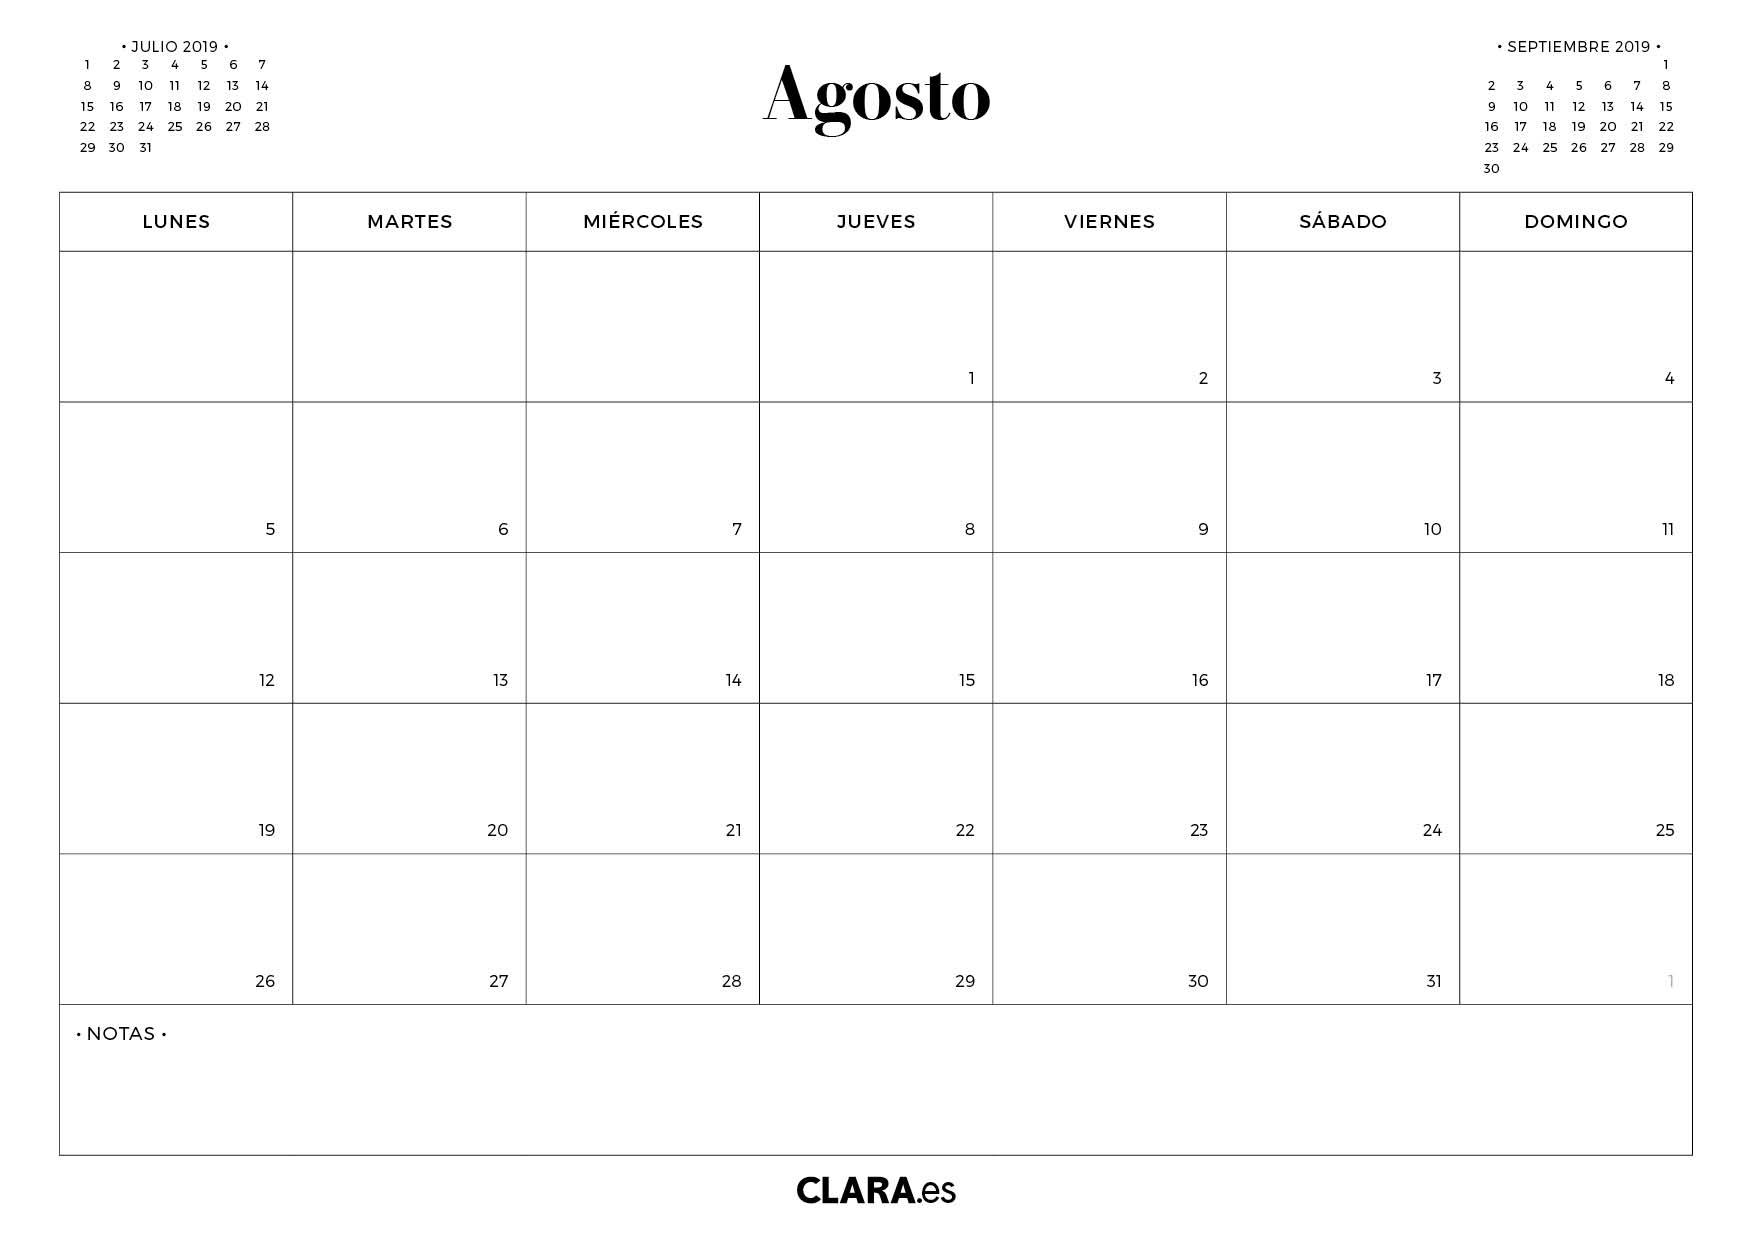 Calendario Agosto 2019 Da Stampare Gratis.Calendario Agosto 2019 Pdf Ikbenalles